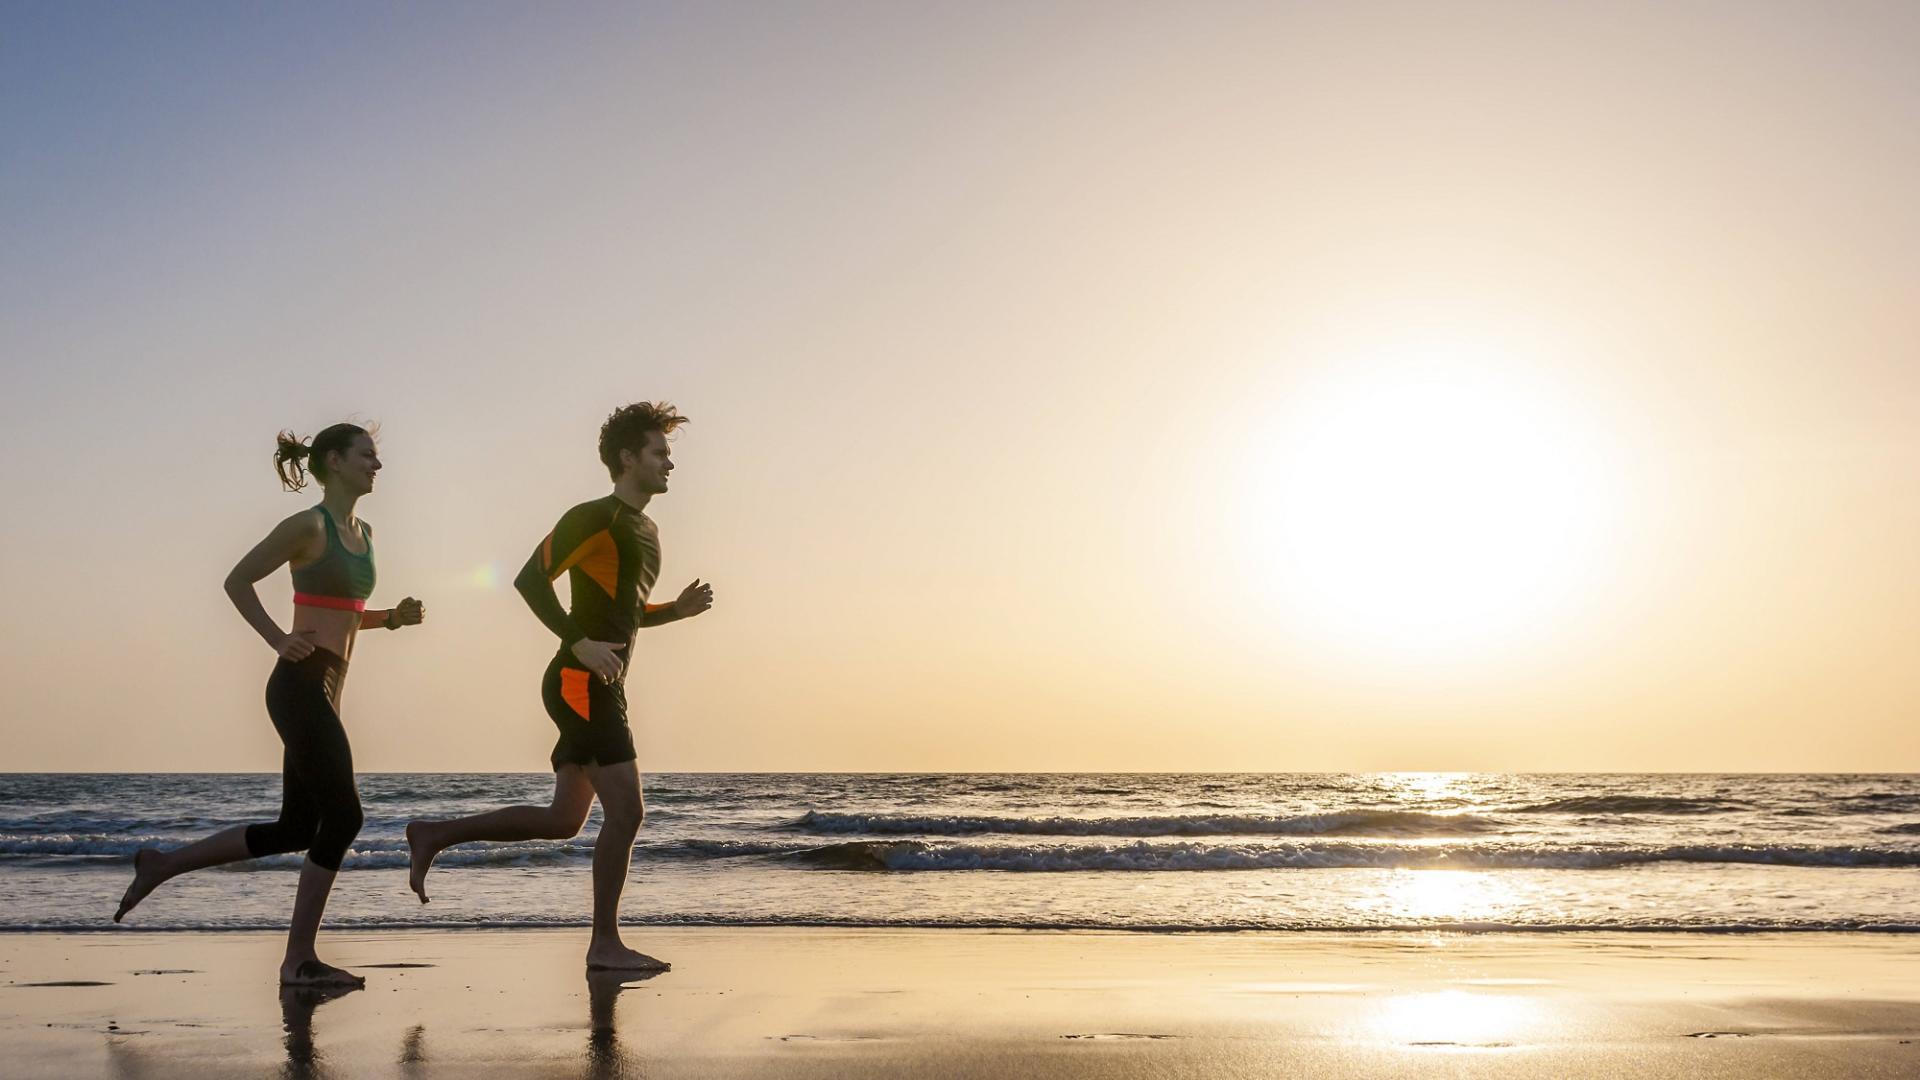 Paar. Joggen, Sport, Sonnenuntergang, Meer, Strand, Liebe, Urlaub